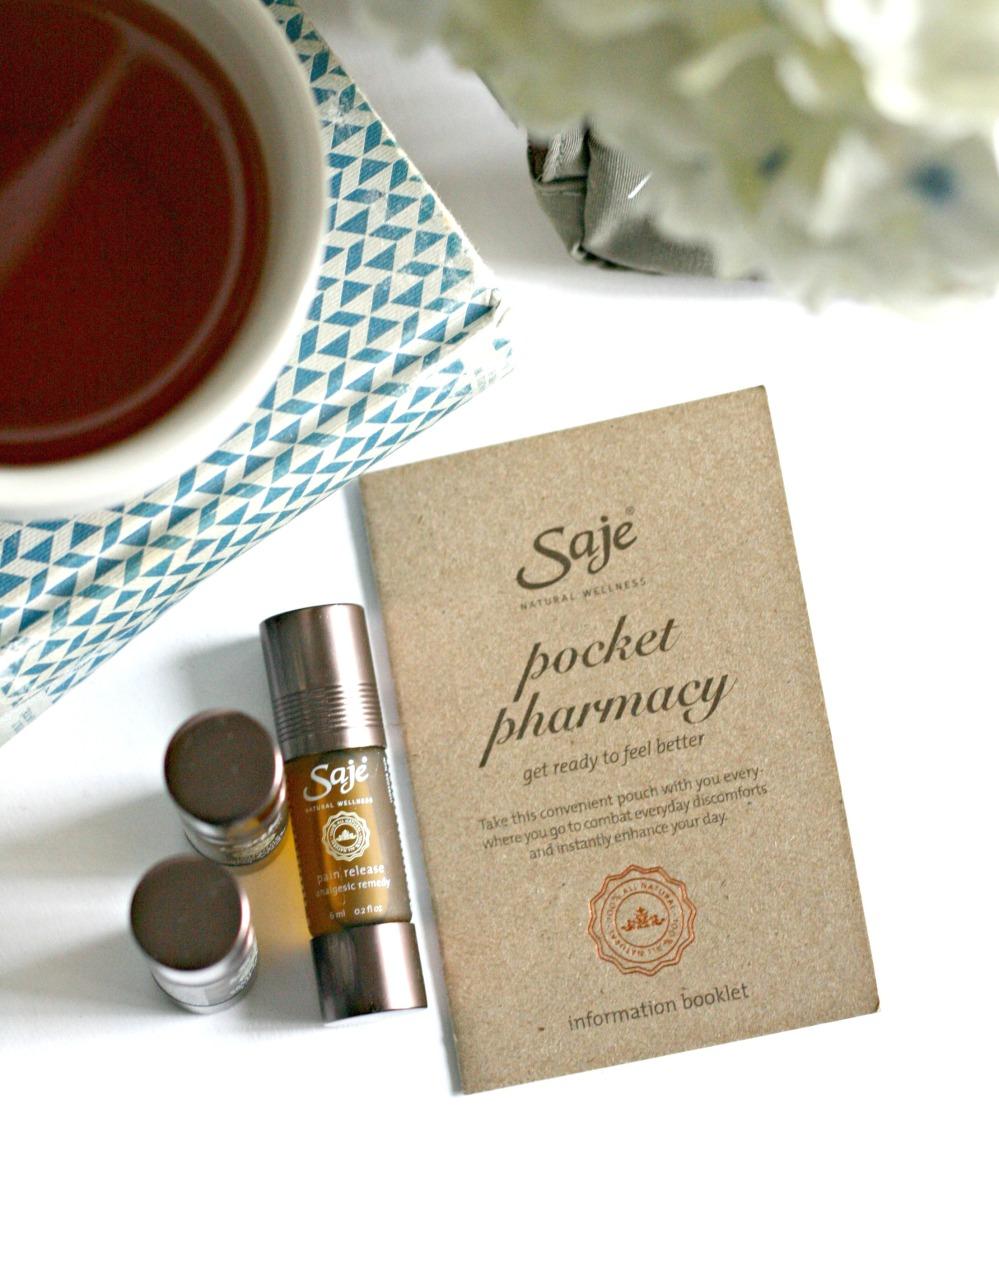 saje-wellness-pocket-pharmacy